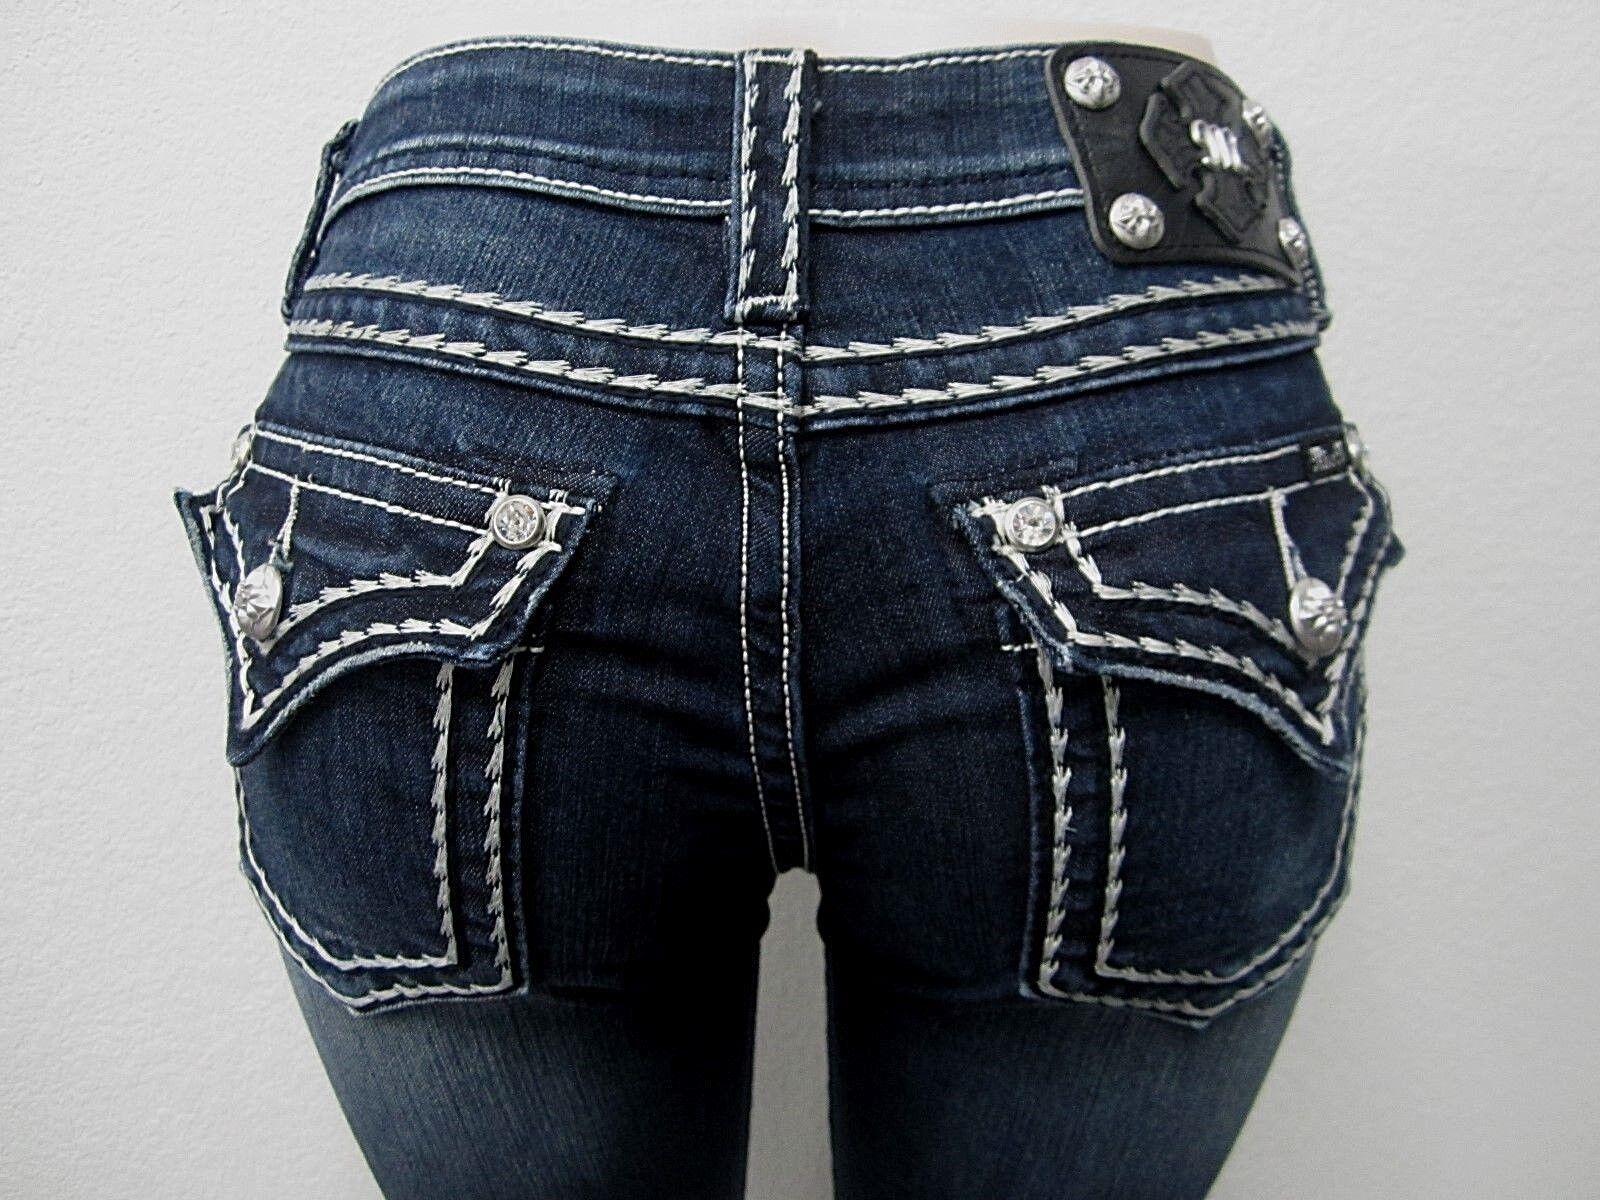 NWT Miss Me Boot Cut Cute Saddle Stitch Dark Jeans  JS5014B58V Size 28 x 32